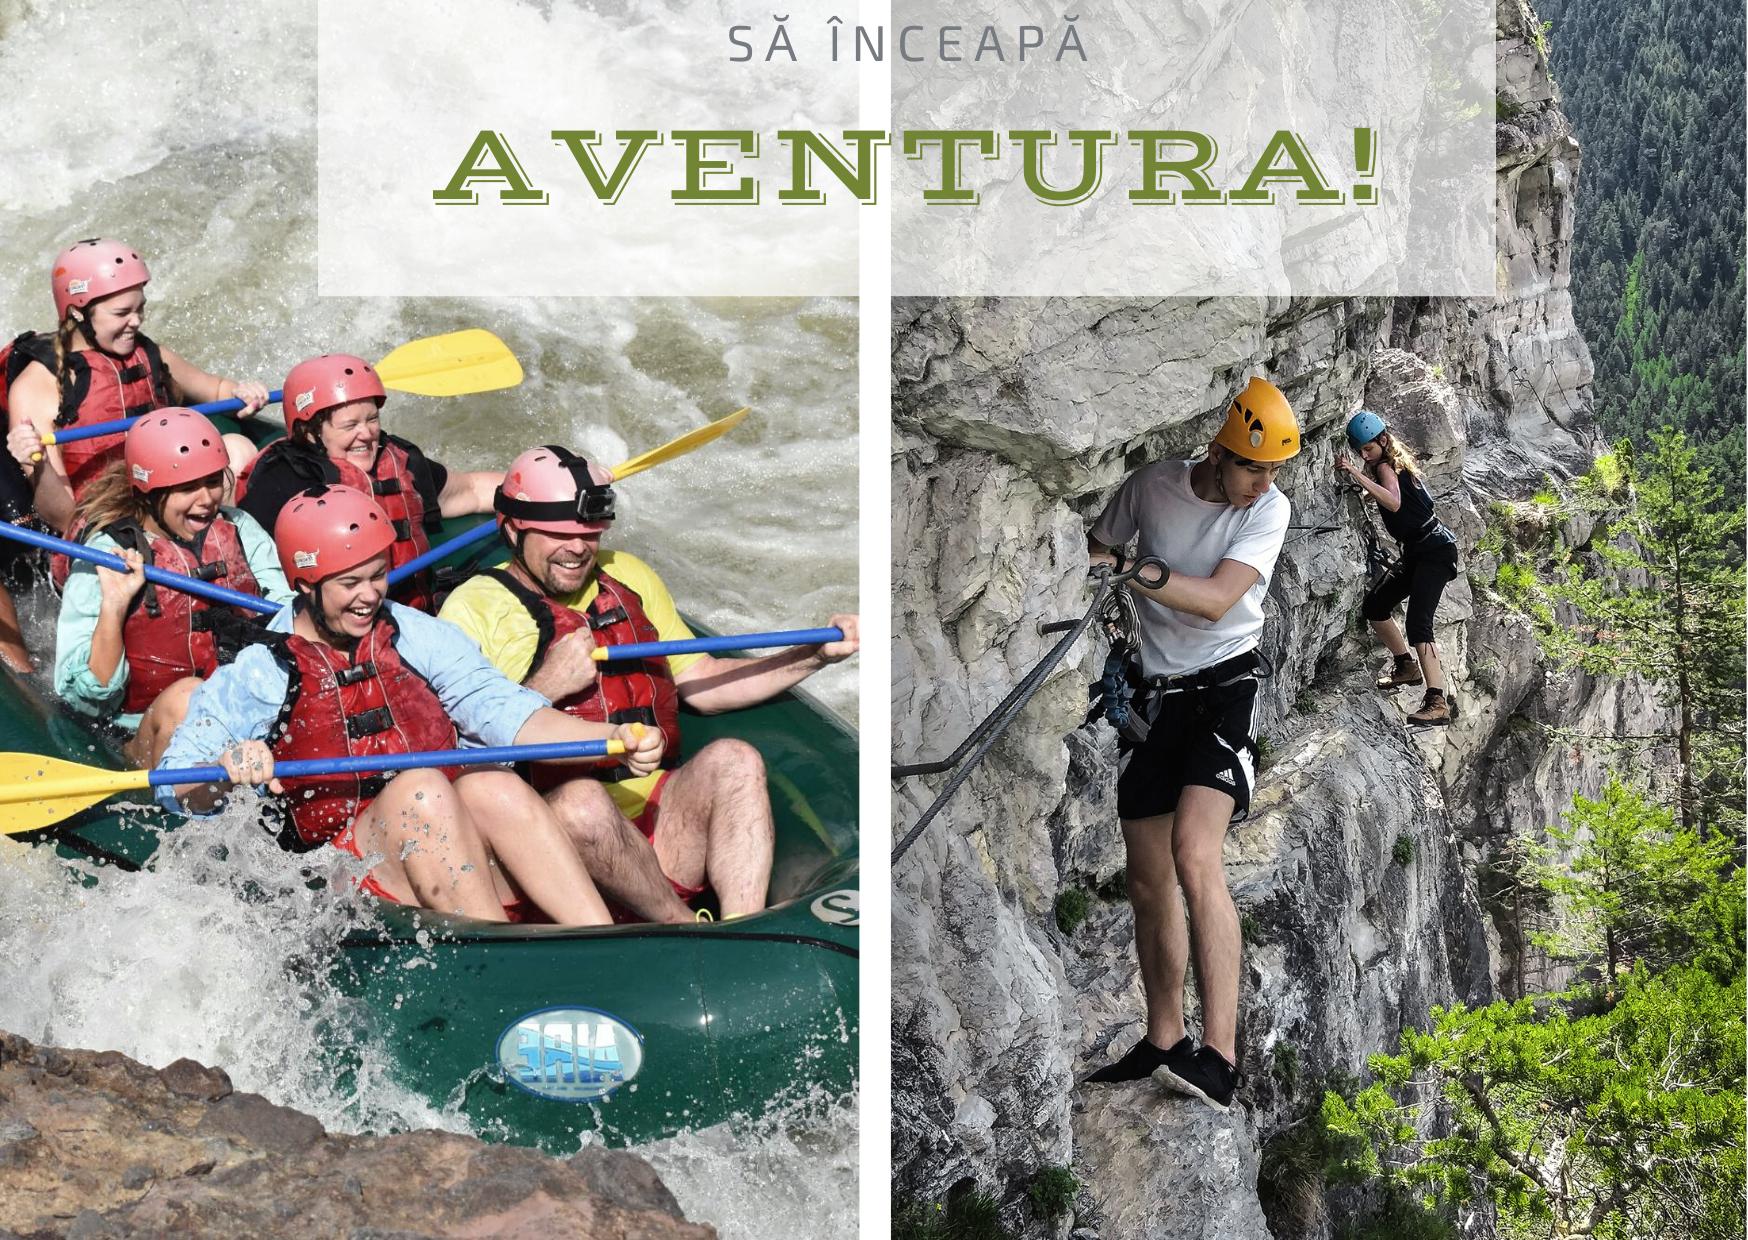 Să înceapă aventura!